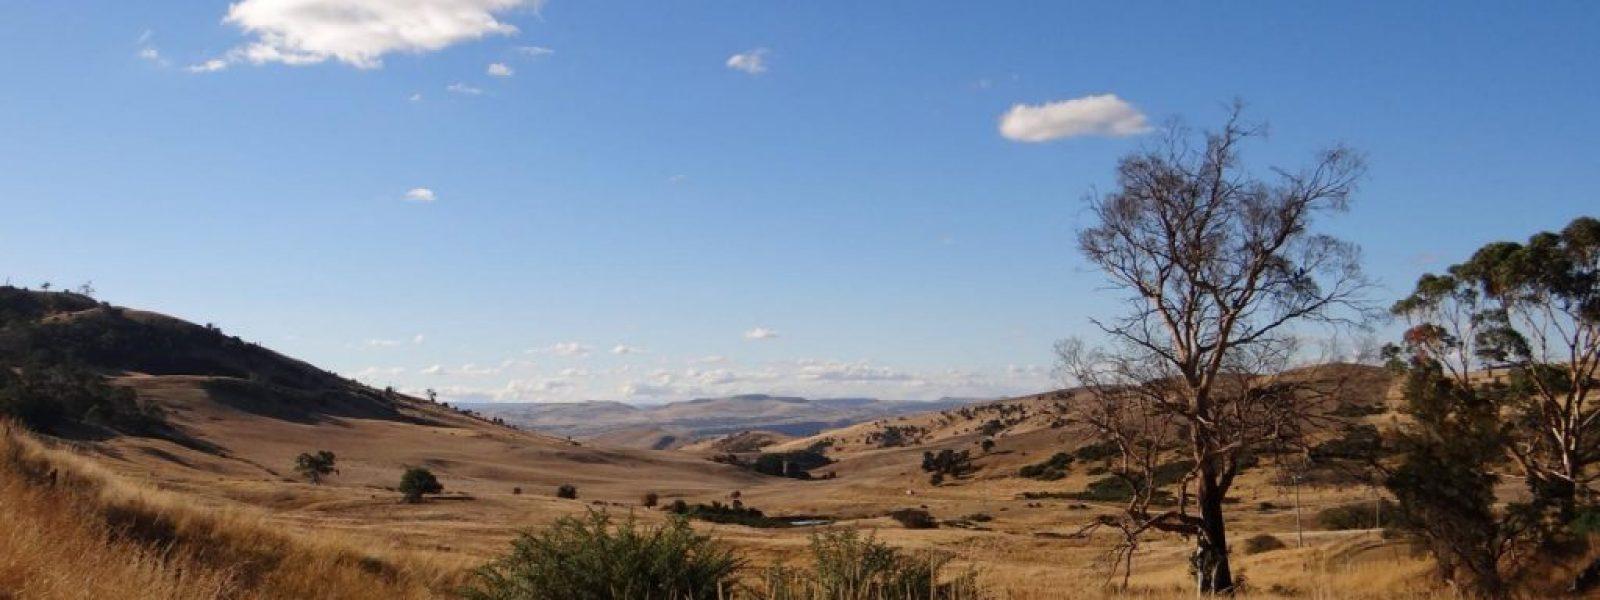 Tasmanien entdecken